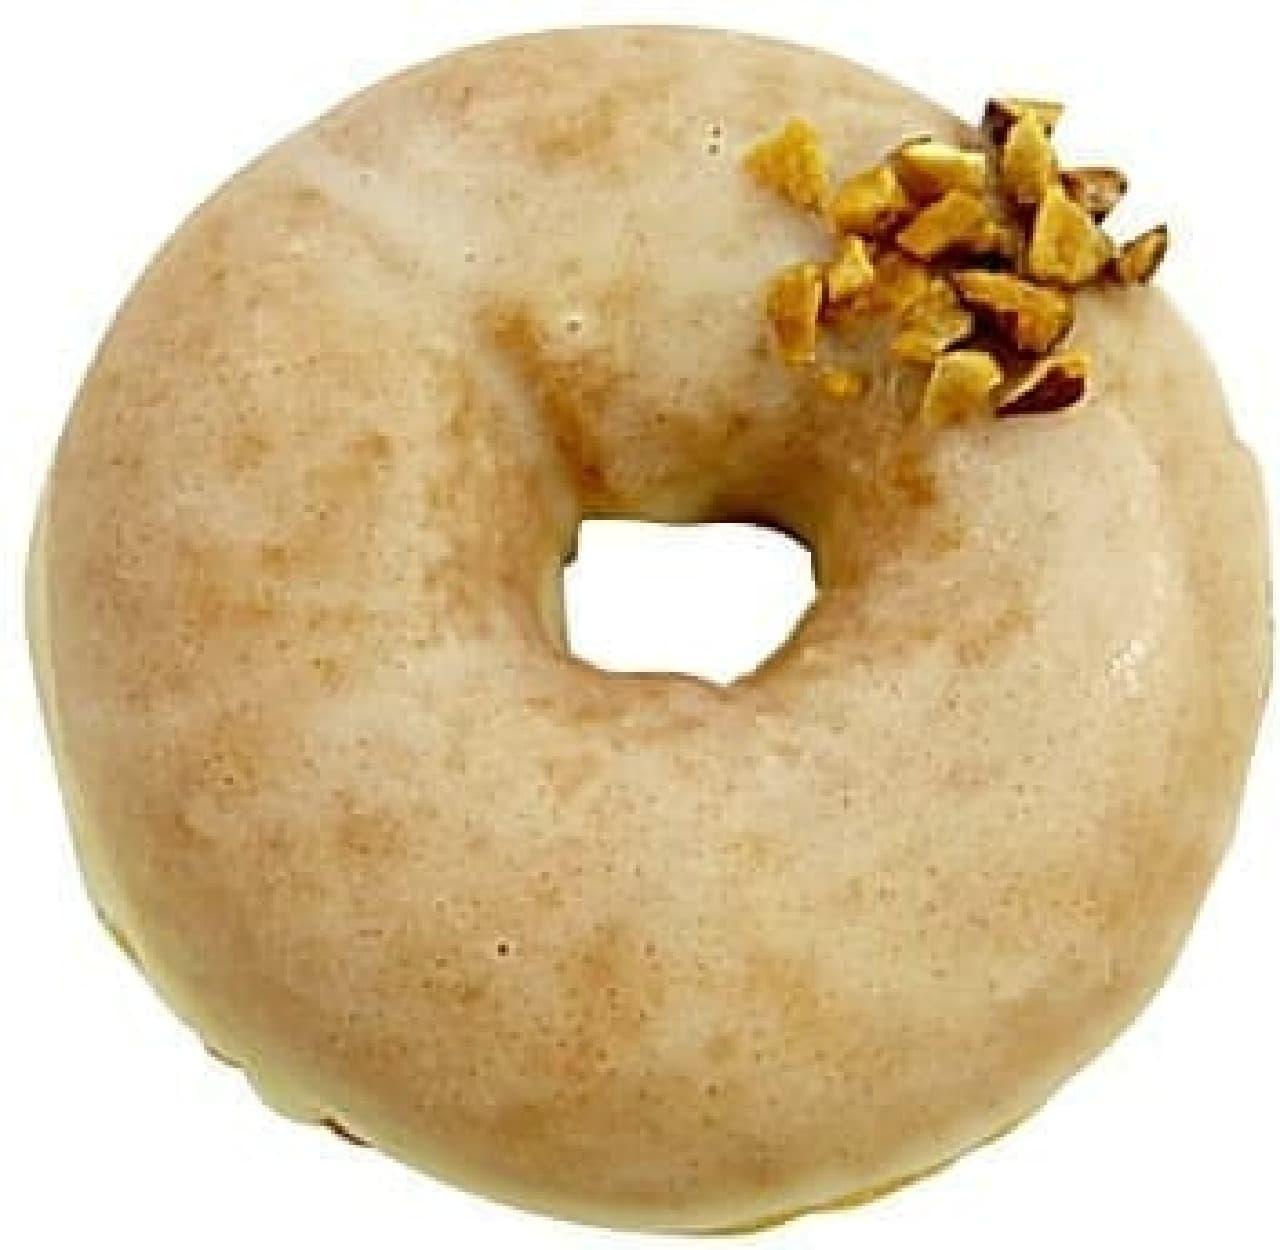 セブン-イレブン「ハニー&ナッツ ドーナツ」